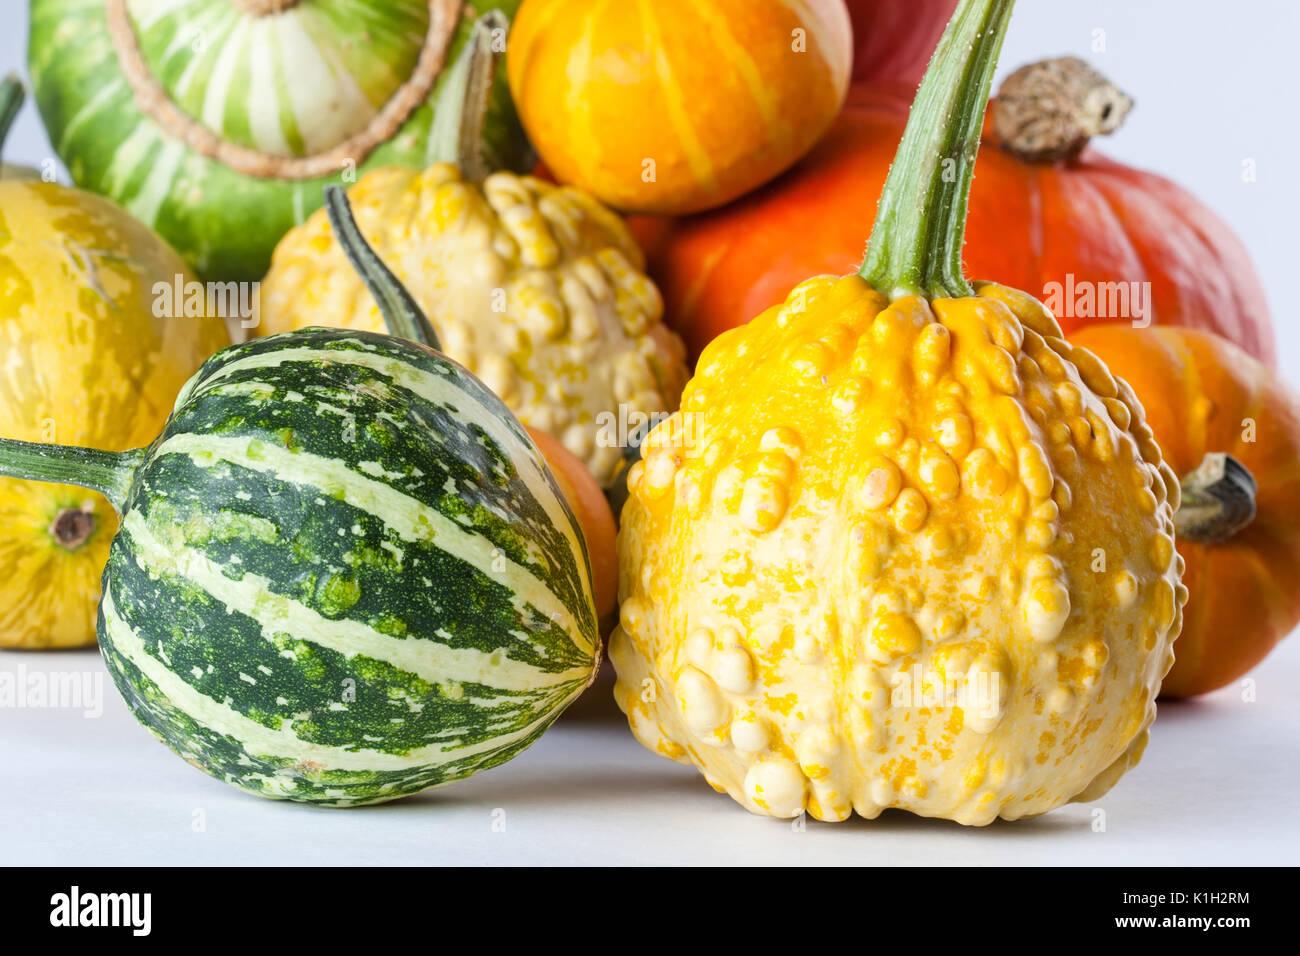 Bunte Kürbisse Halloween Kürbisse Kürbis Sorten Makro Stockfoto